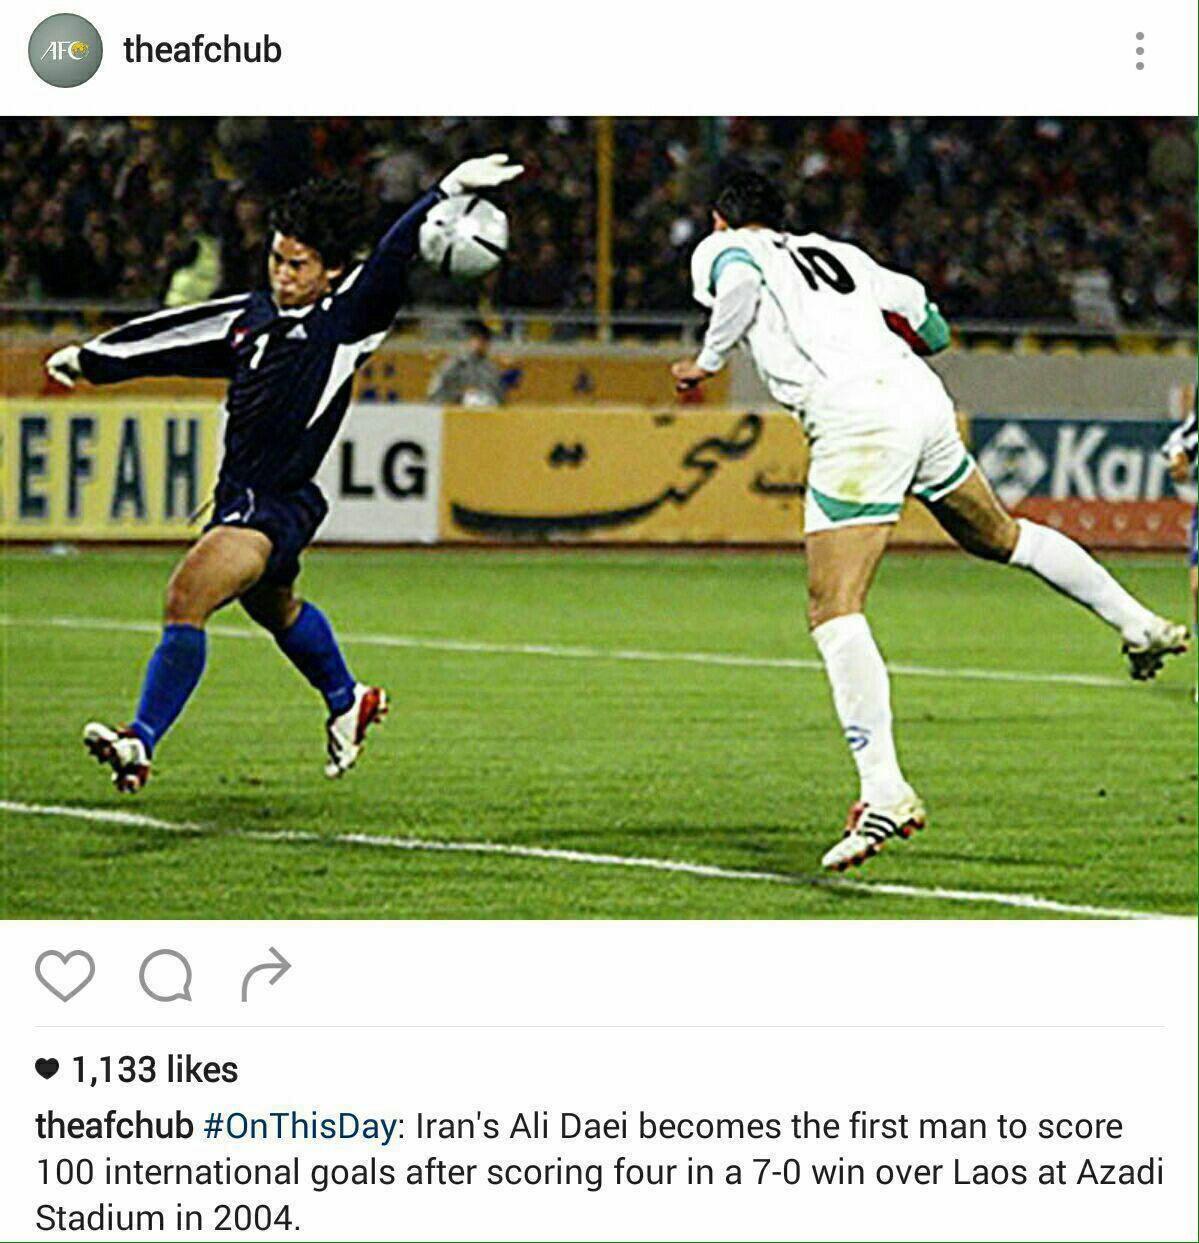 رکورد تاریخی علی دایی و عکسی که کنفدراسیون فوتبال آسیا AFC منتشر کرد +عکس